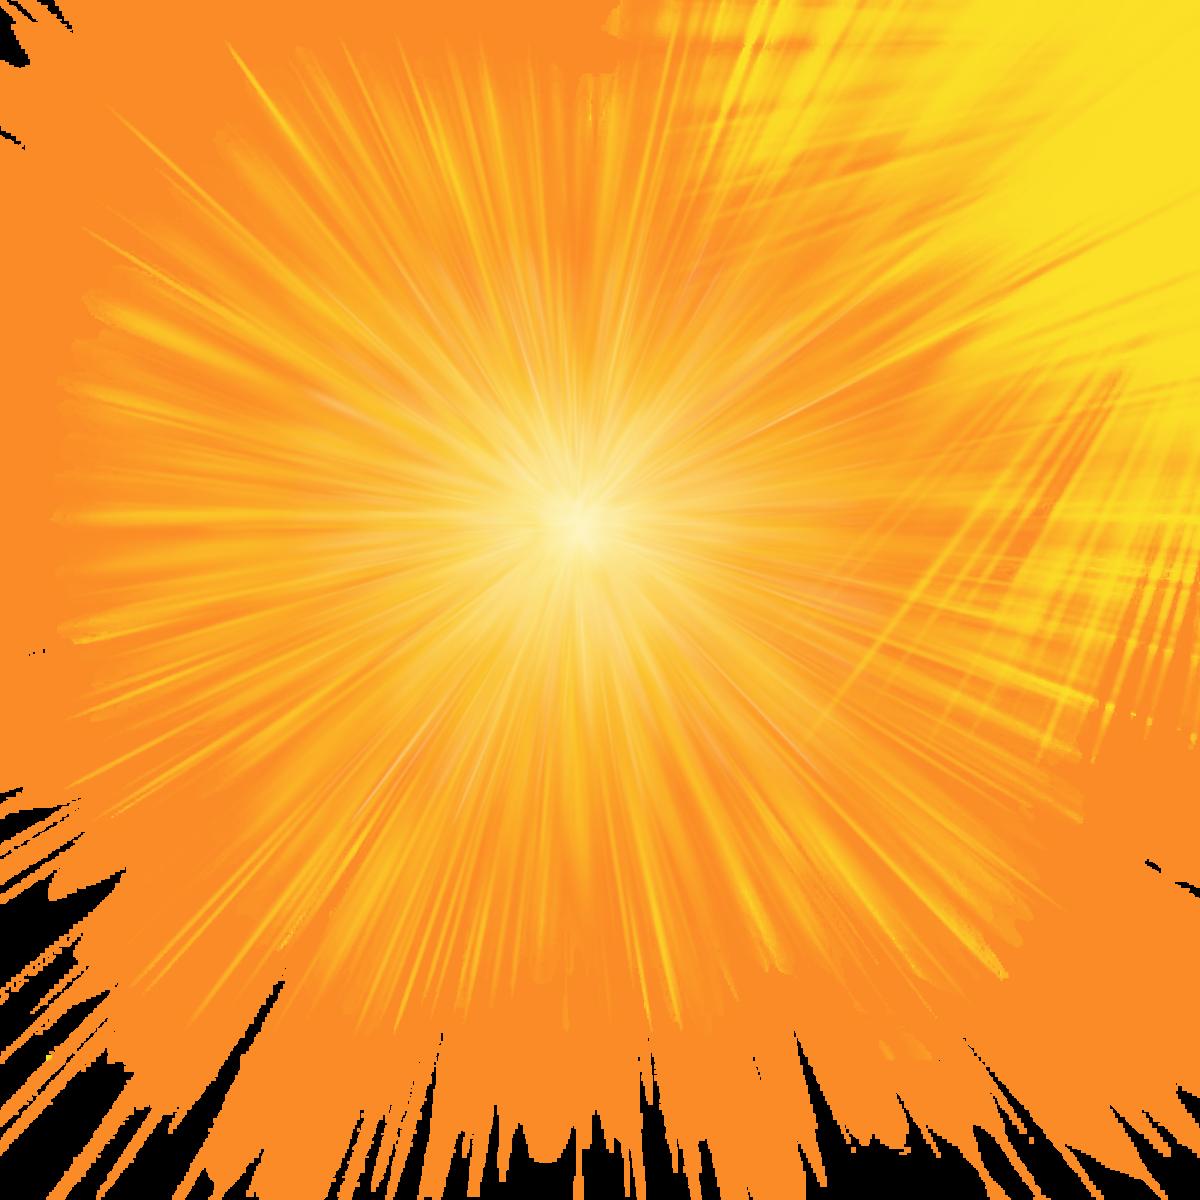 Картинки сияющего солнца на прозрачном фоне профессиональных видов